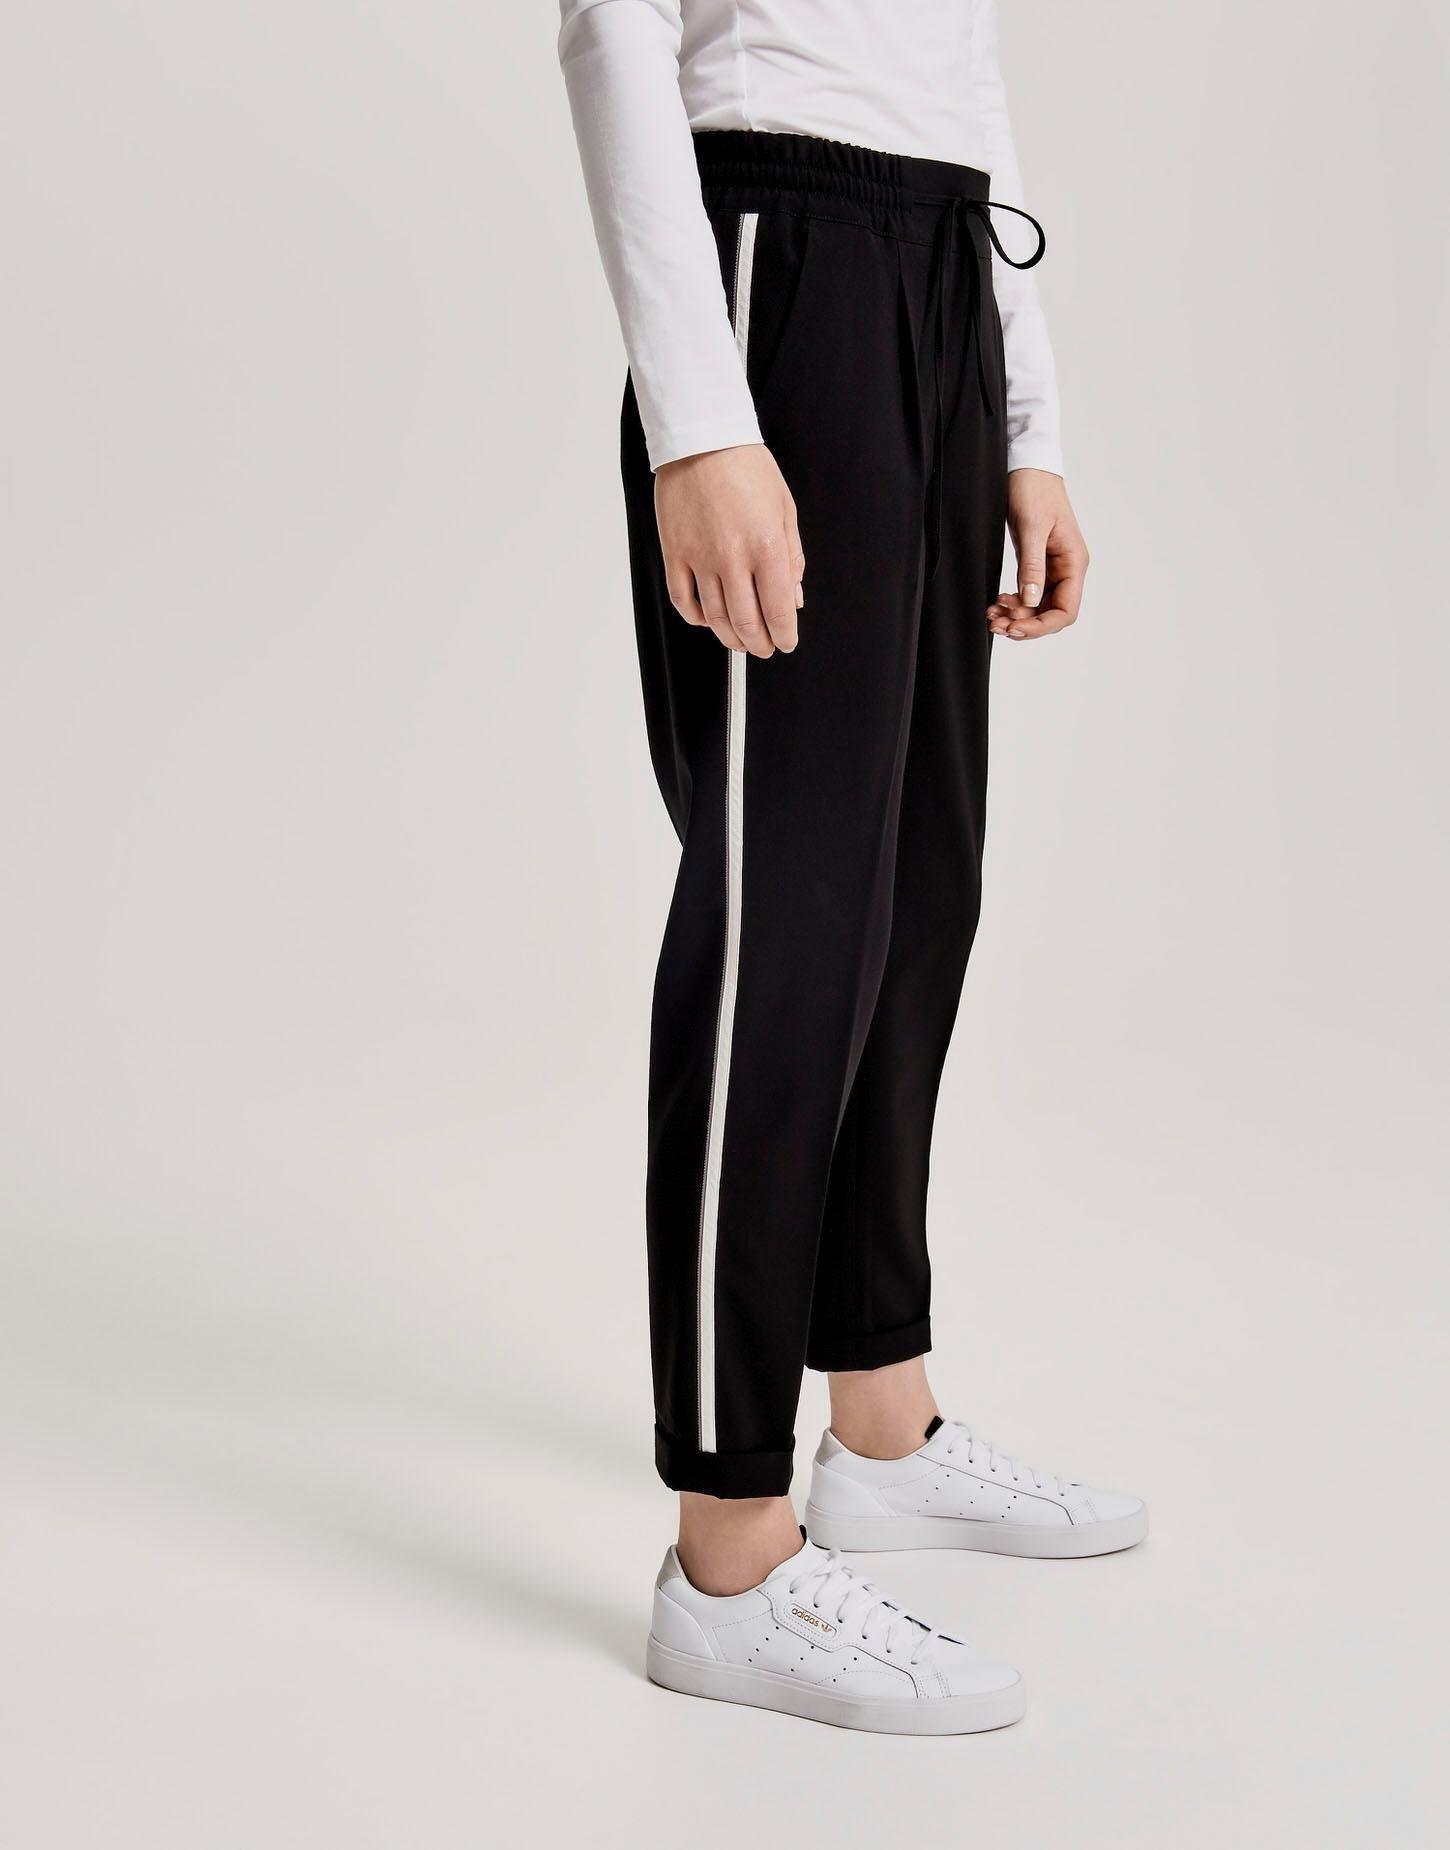 Aniston Sommerhose lockere Stoffhose Damen Hose aus 100/% Baumwolle Beinsaum Blau